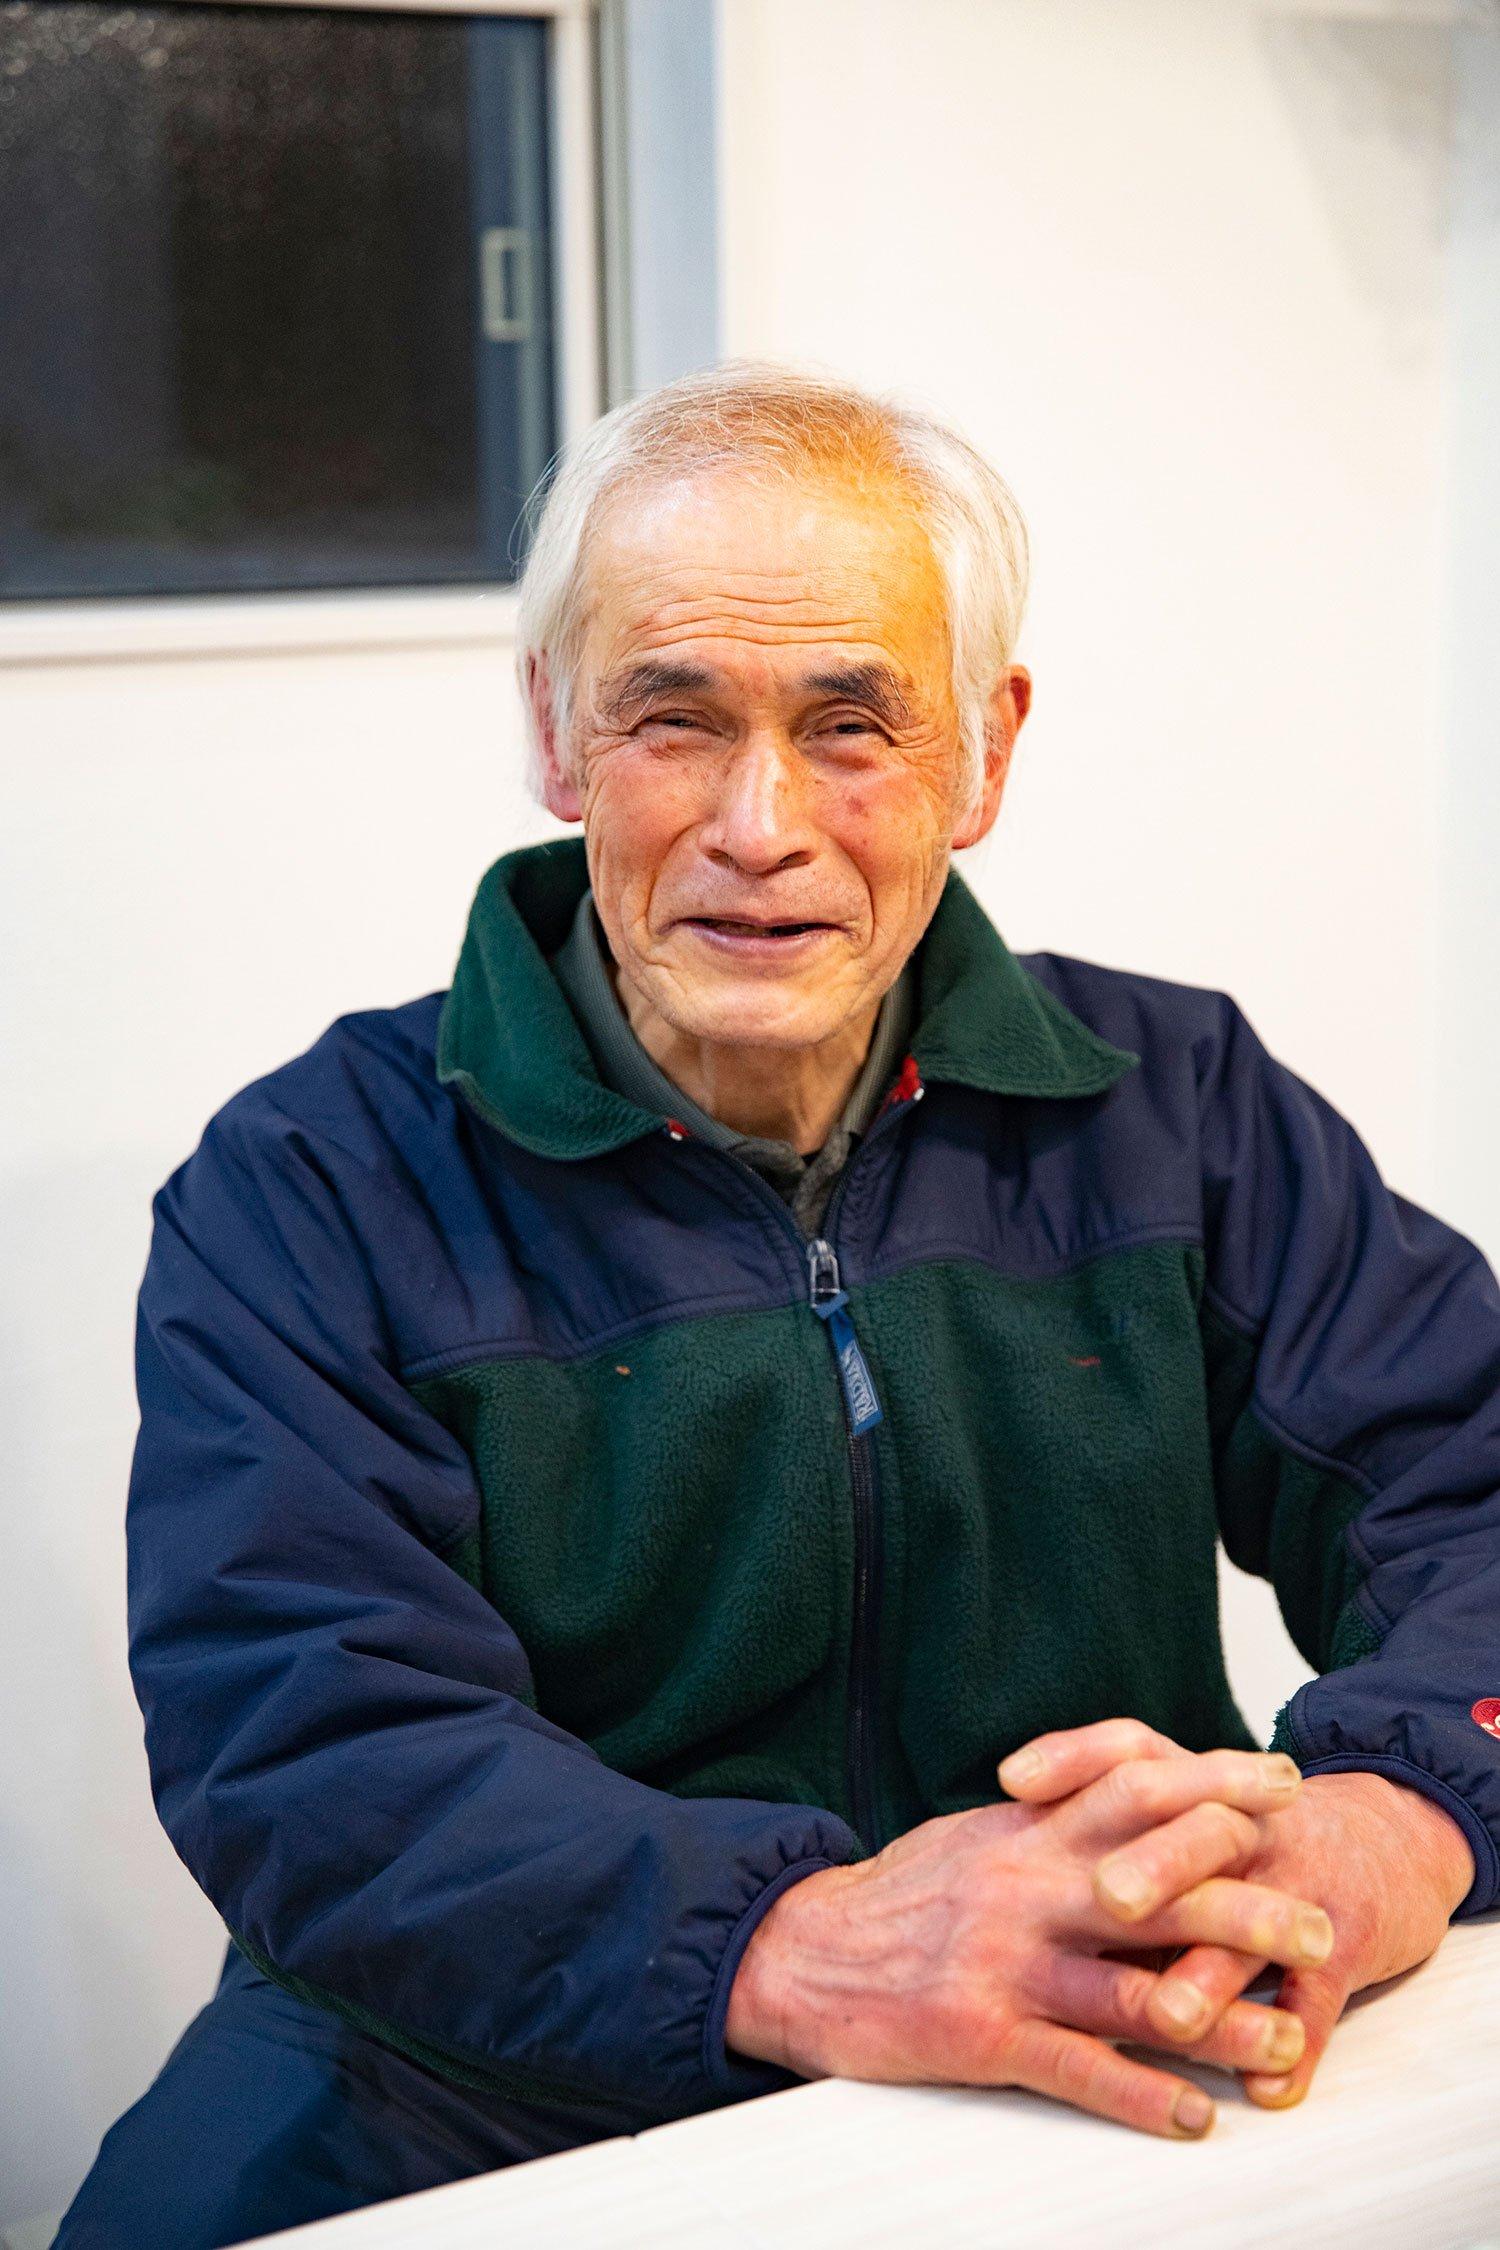 今年72歳を迎える草野さん。この年齢で今も40㎏の歩荷を続けているというから驚きだ。